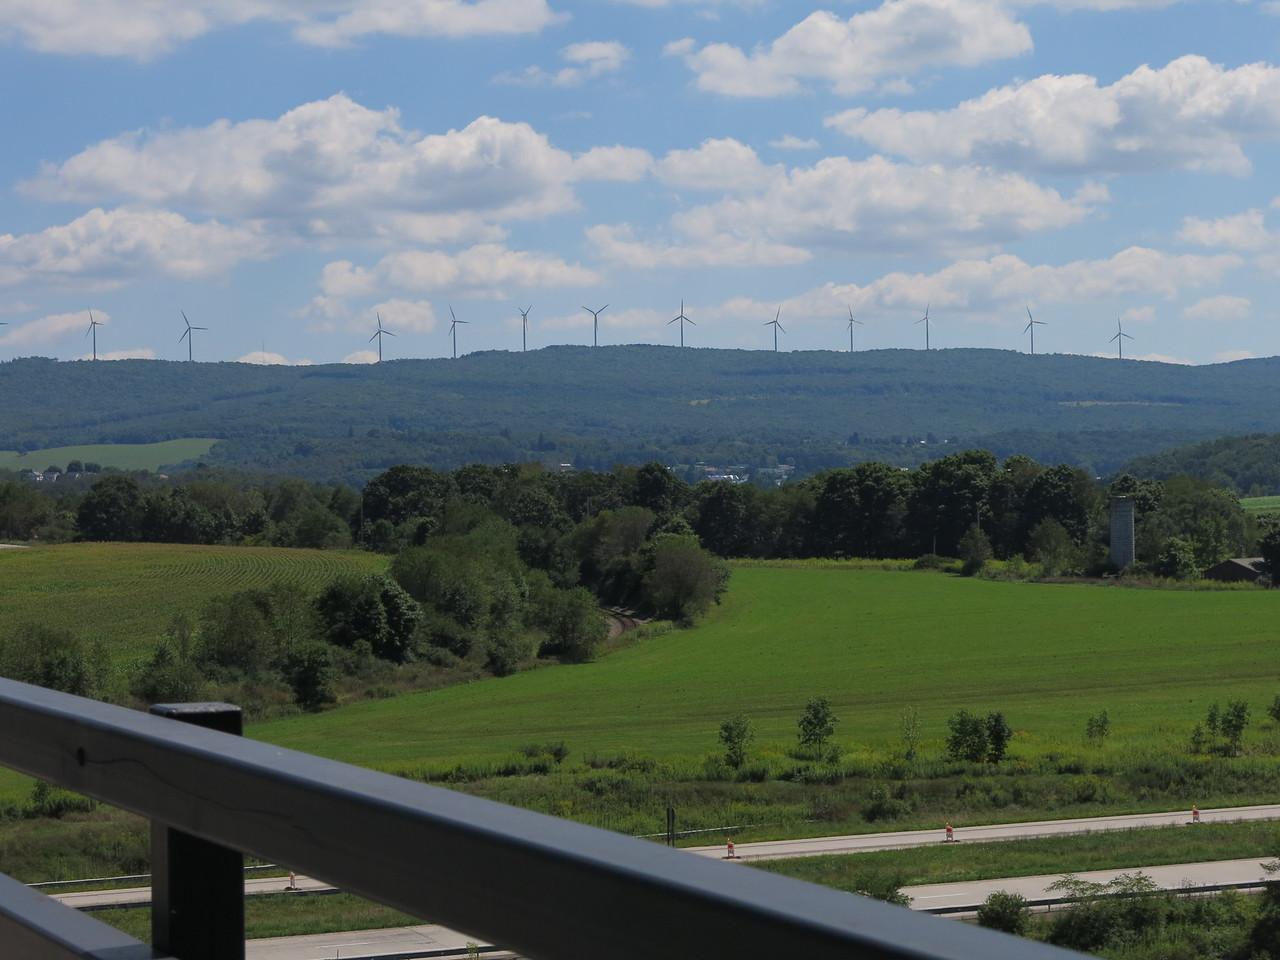 Wind mills on the ridge across the valley